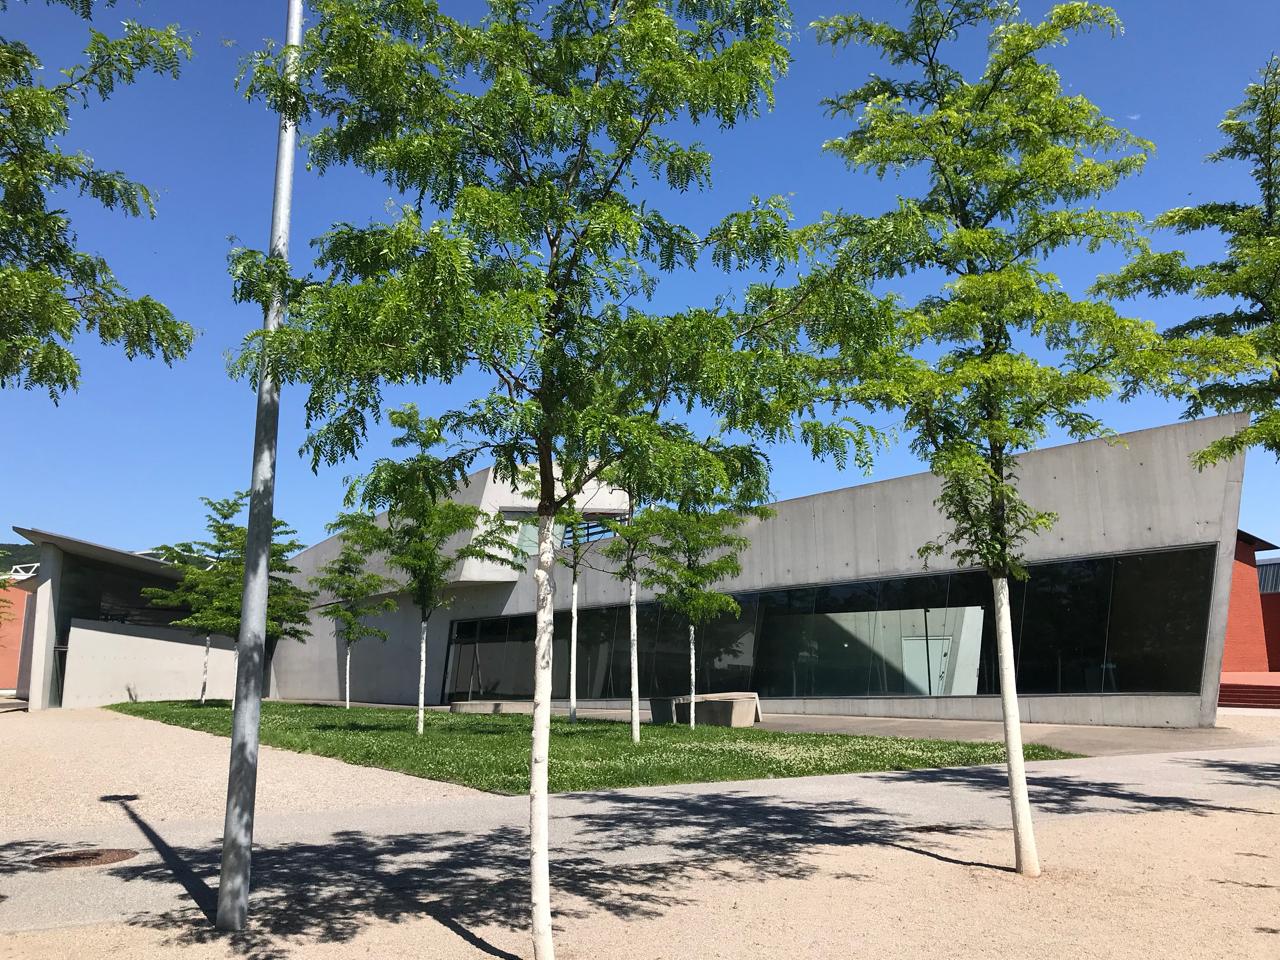 Vitra Campus: Feuerwehrhaus von Zaha Hadid